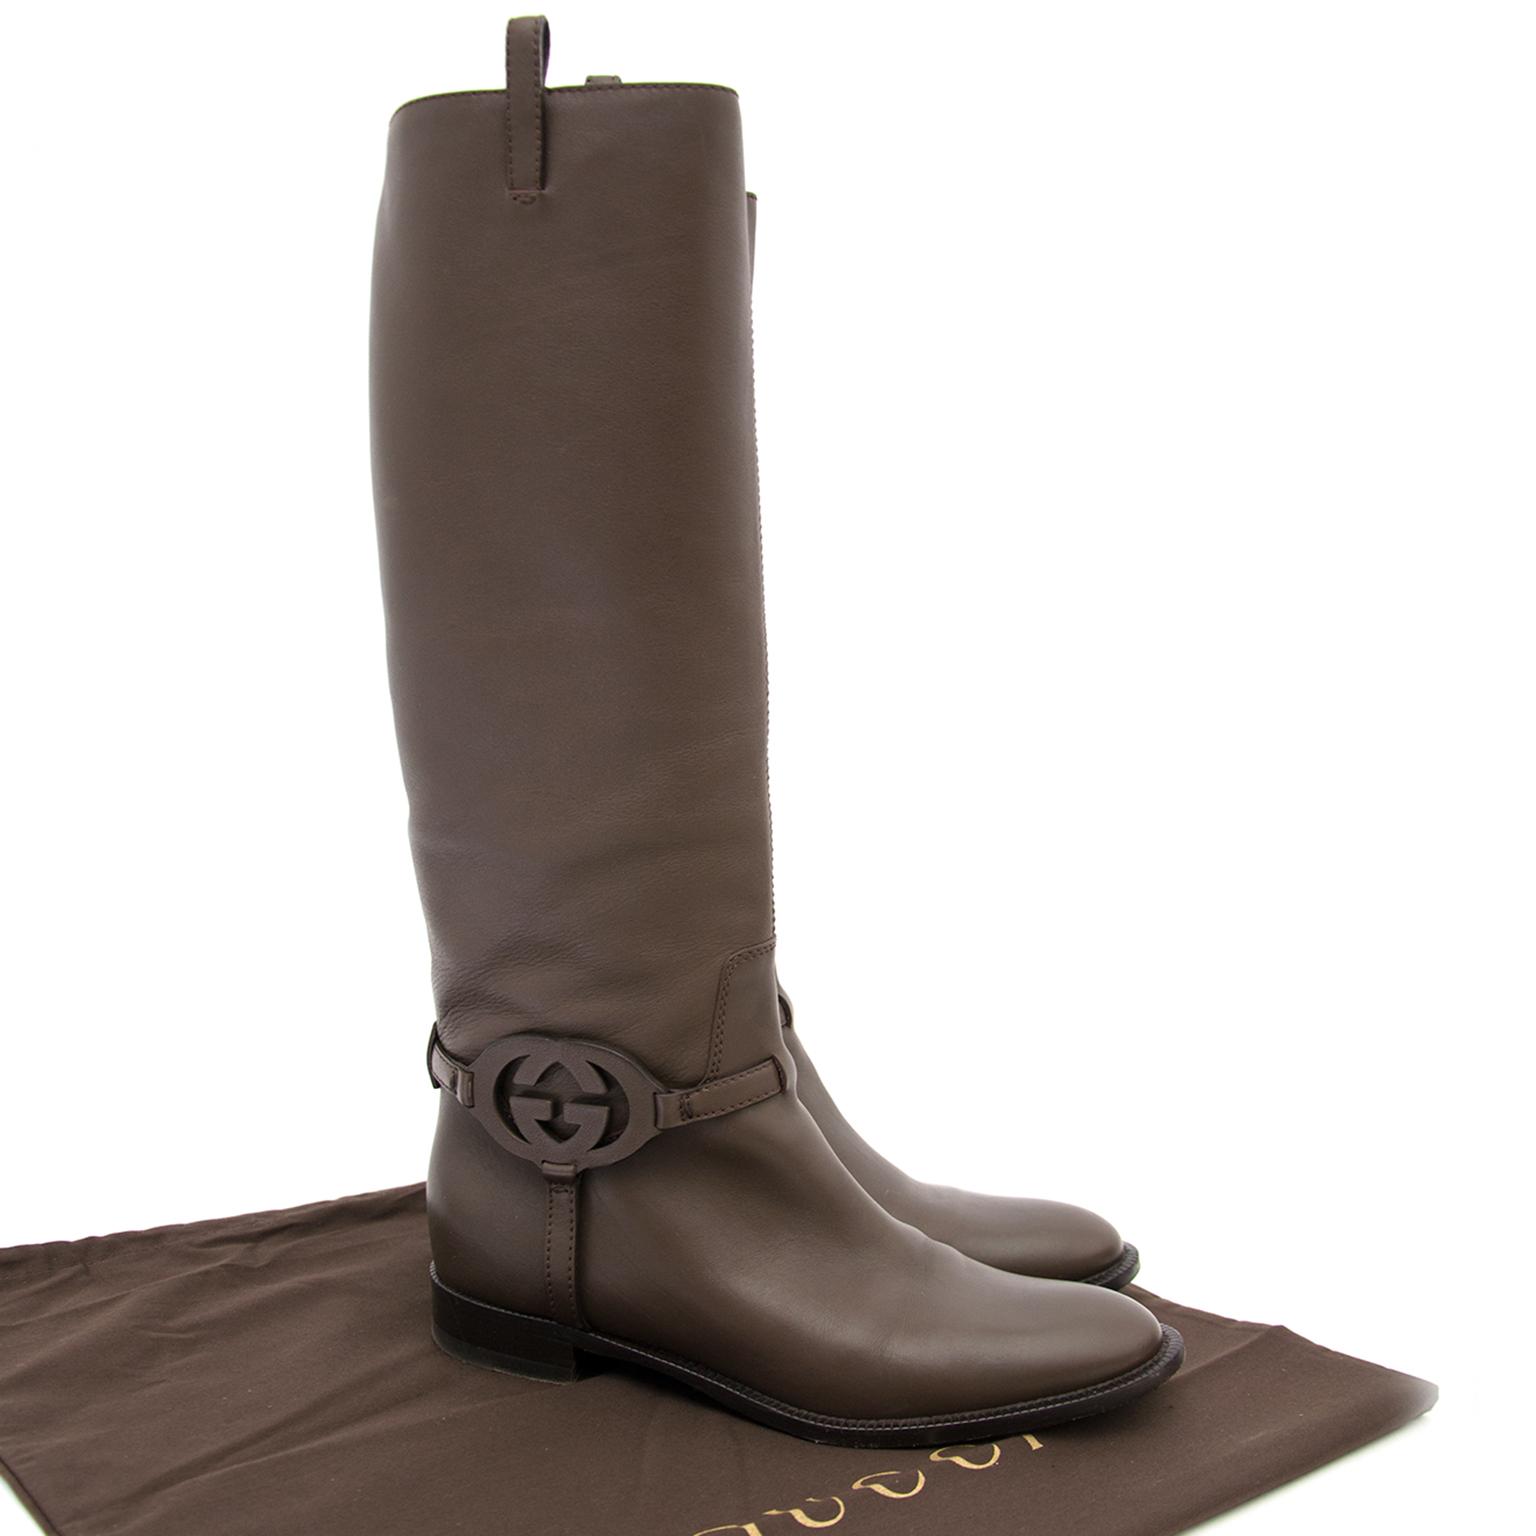 Koop tweedehands Gucci GG Brown Riding Boots Size 38,5 aan de juiste prijs